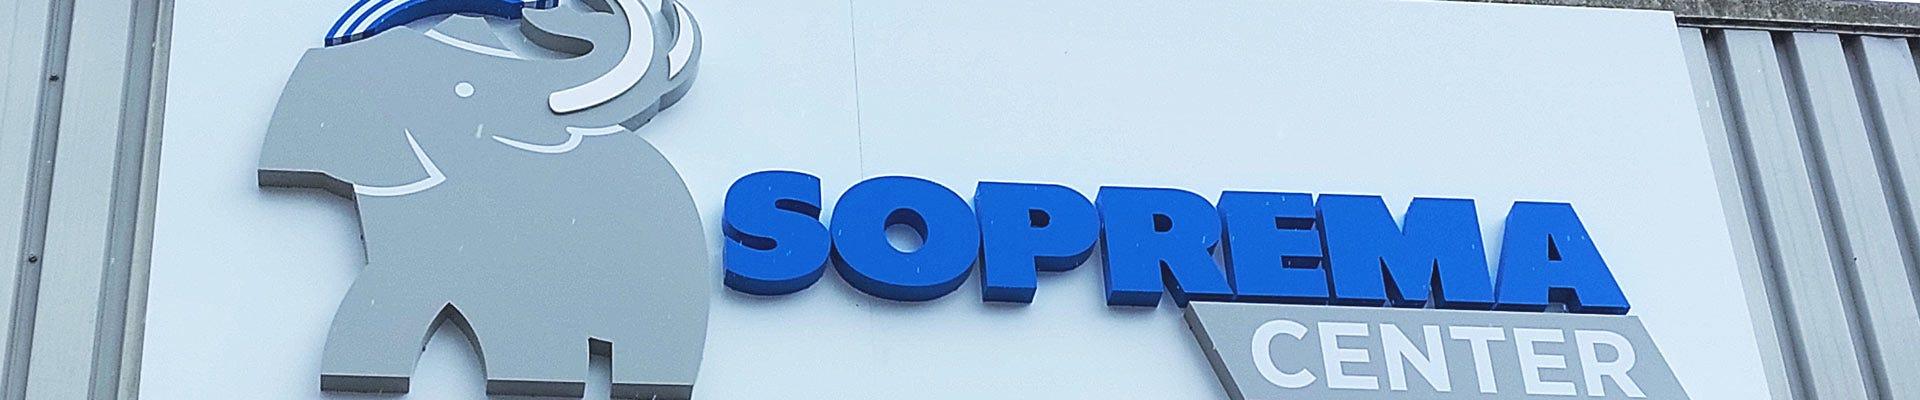 vacature commercieel medewerker binnendienst  SOPREMA center Oldenzaal